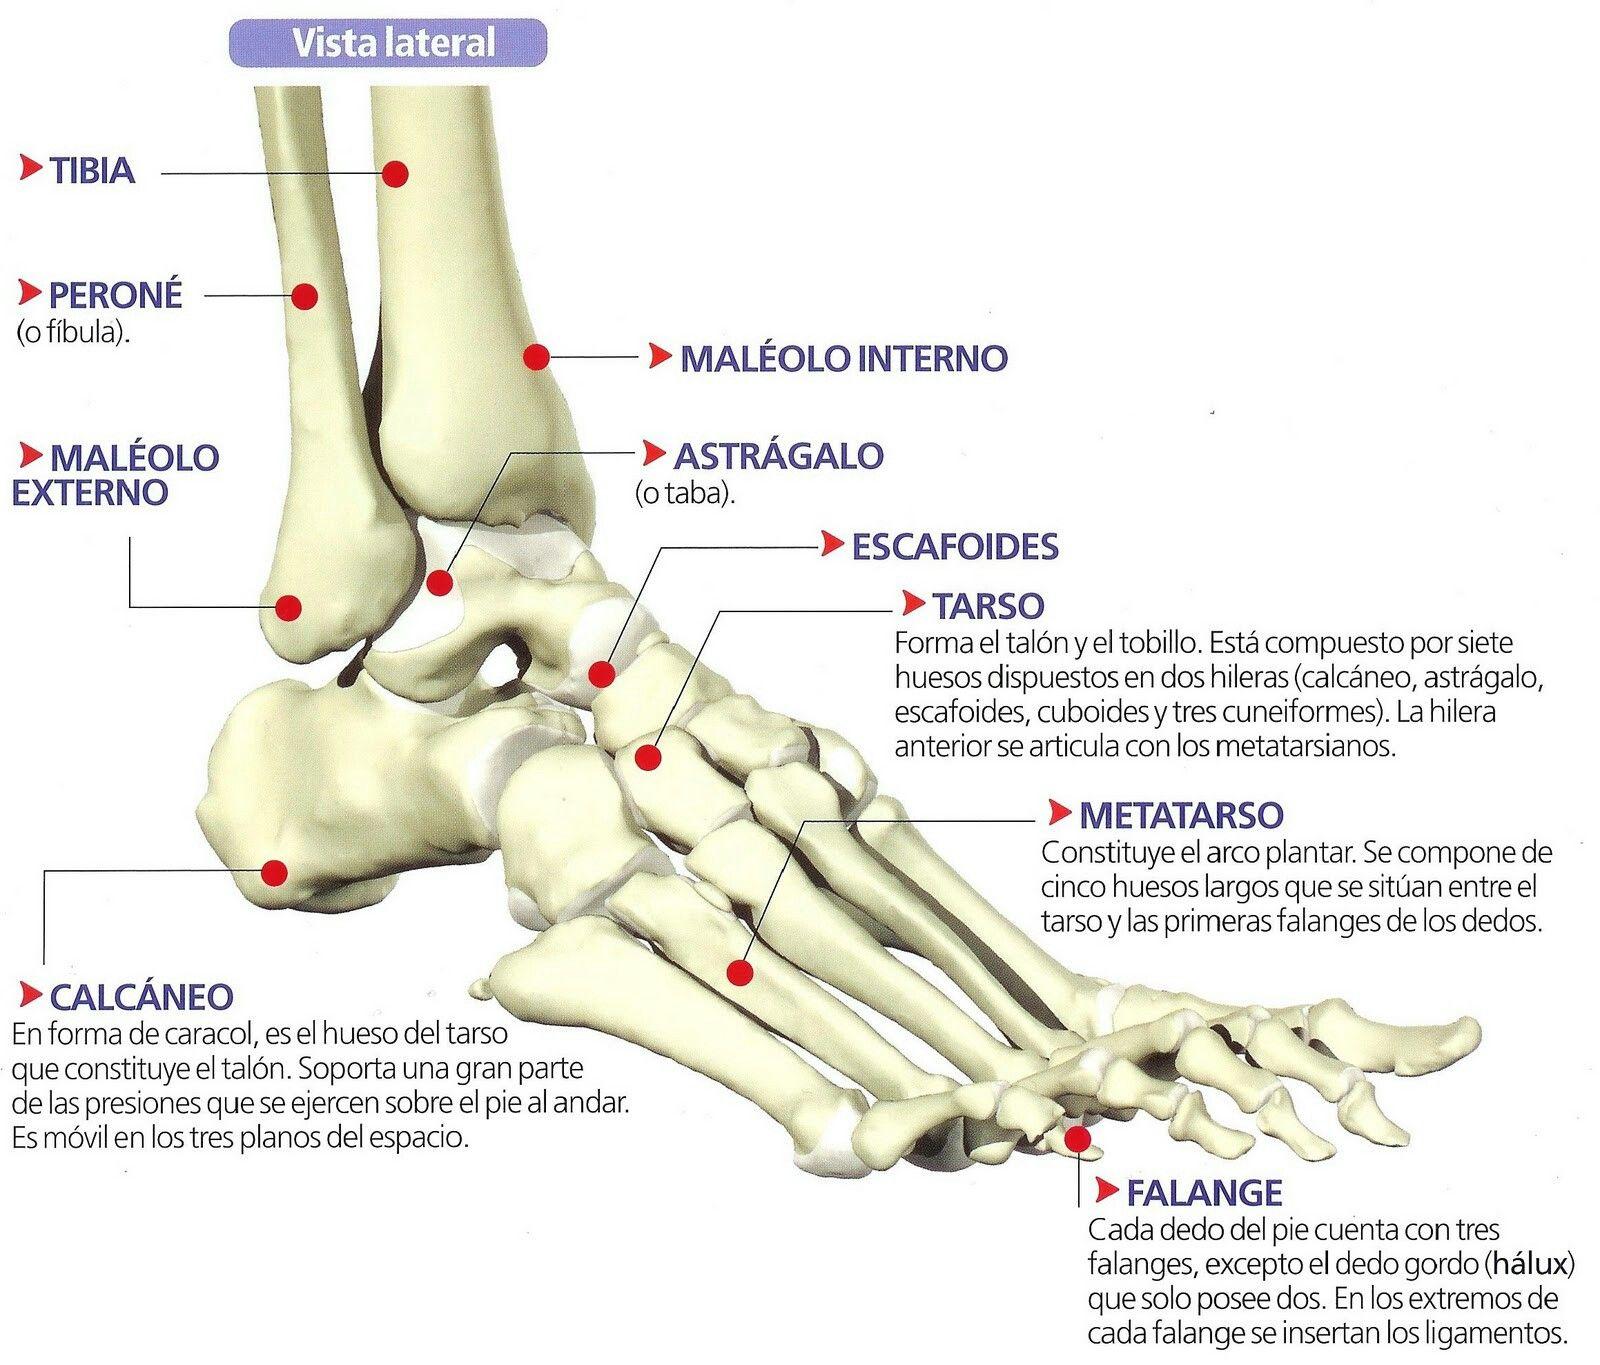 Anatomía del pie | pies | Pinterest | Anatomía del pie, Anatomía y ...